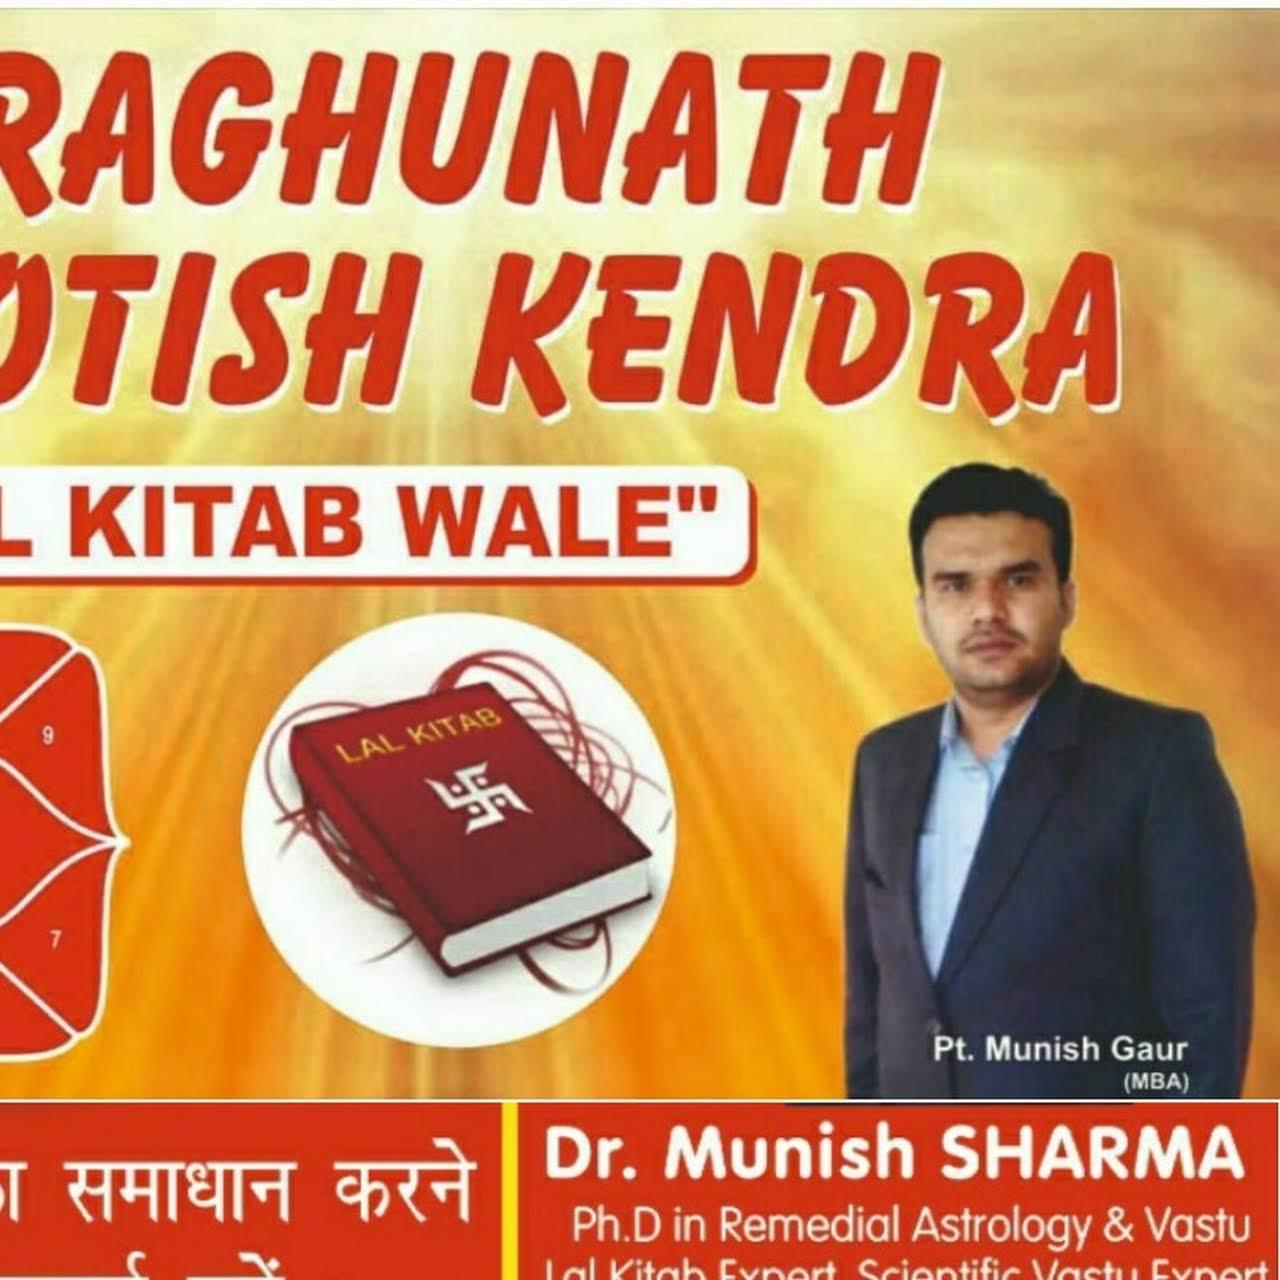 RAGHUNATH JYOTISH KENDRA Dr Munish Sharma Astrologer